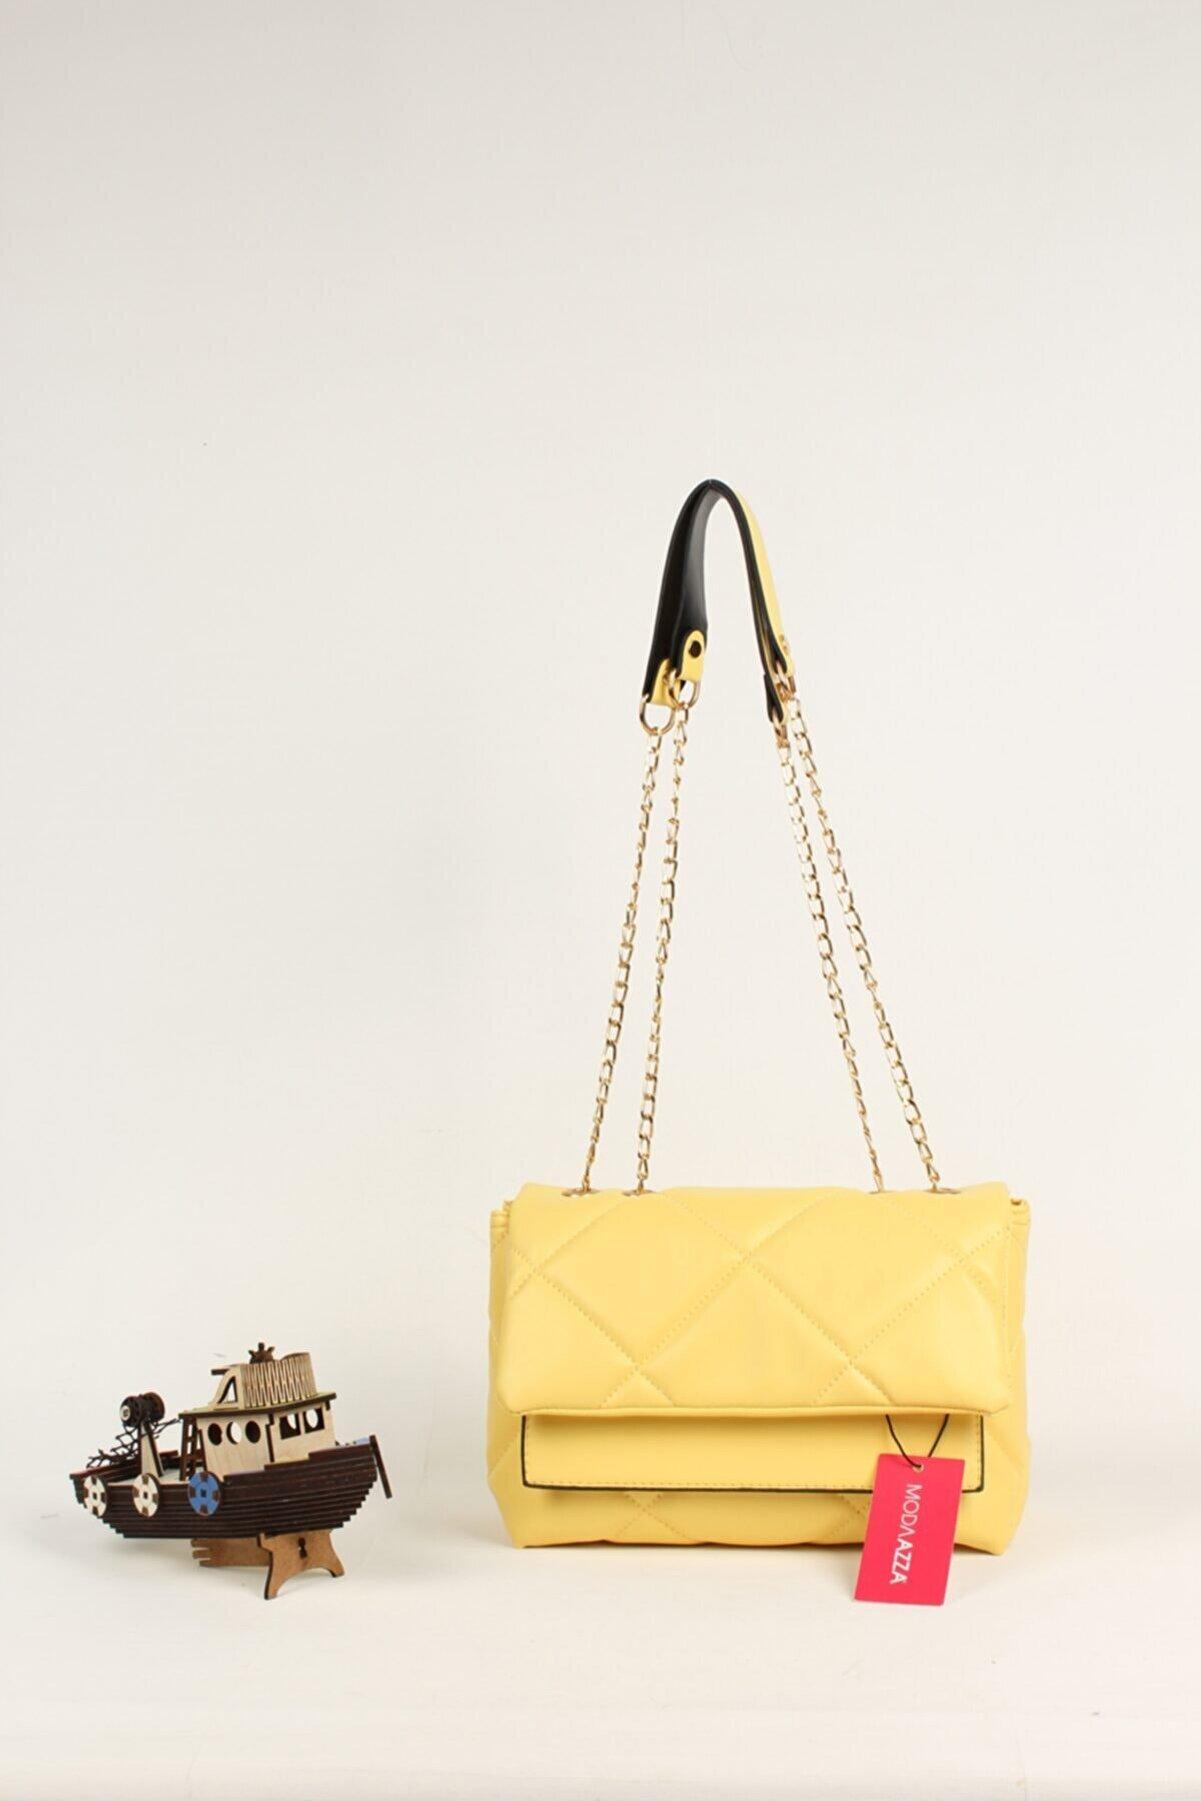 Moda azza Kadın Açık Sarı Zincir Askı Detaylı Omuz Çantası